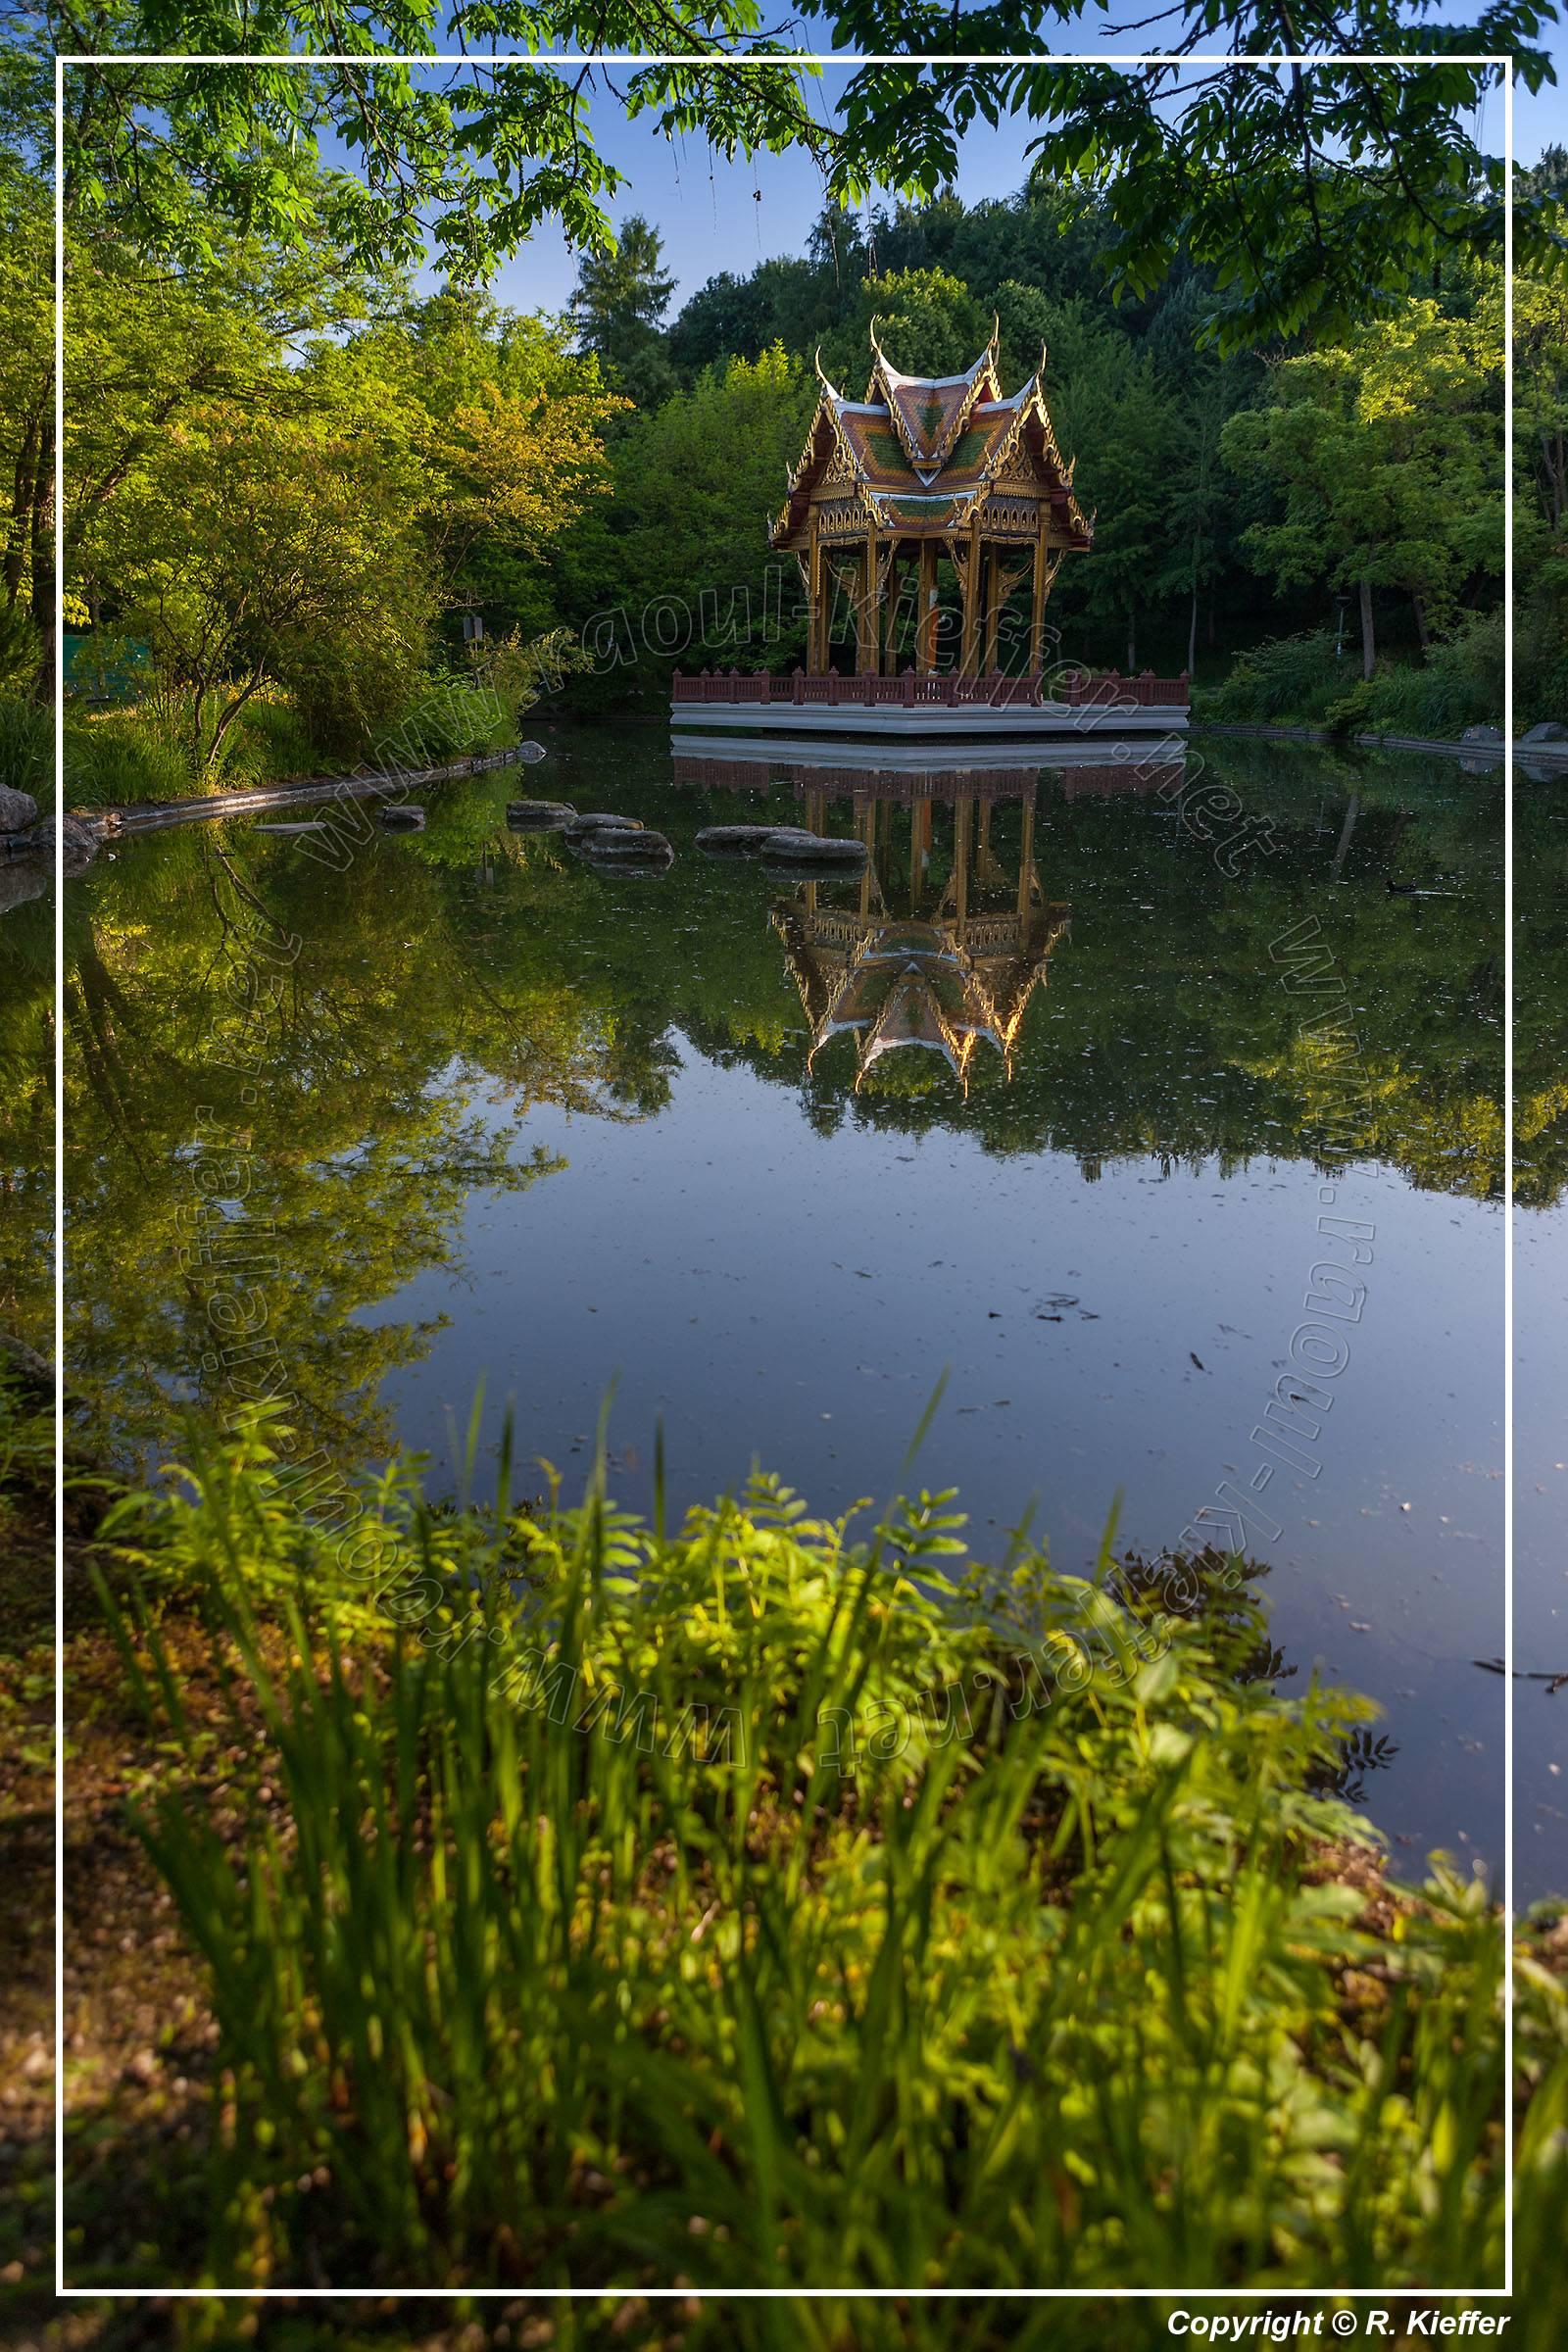 Fotogalerie - Westpark (München): The Westpark is a large urban…